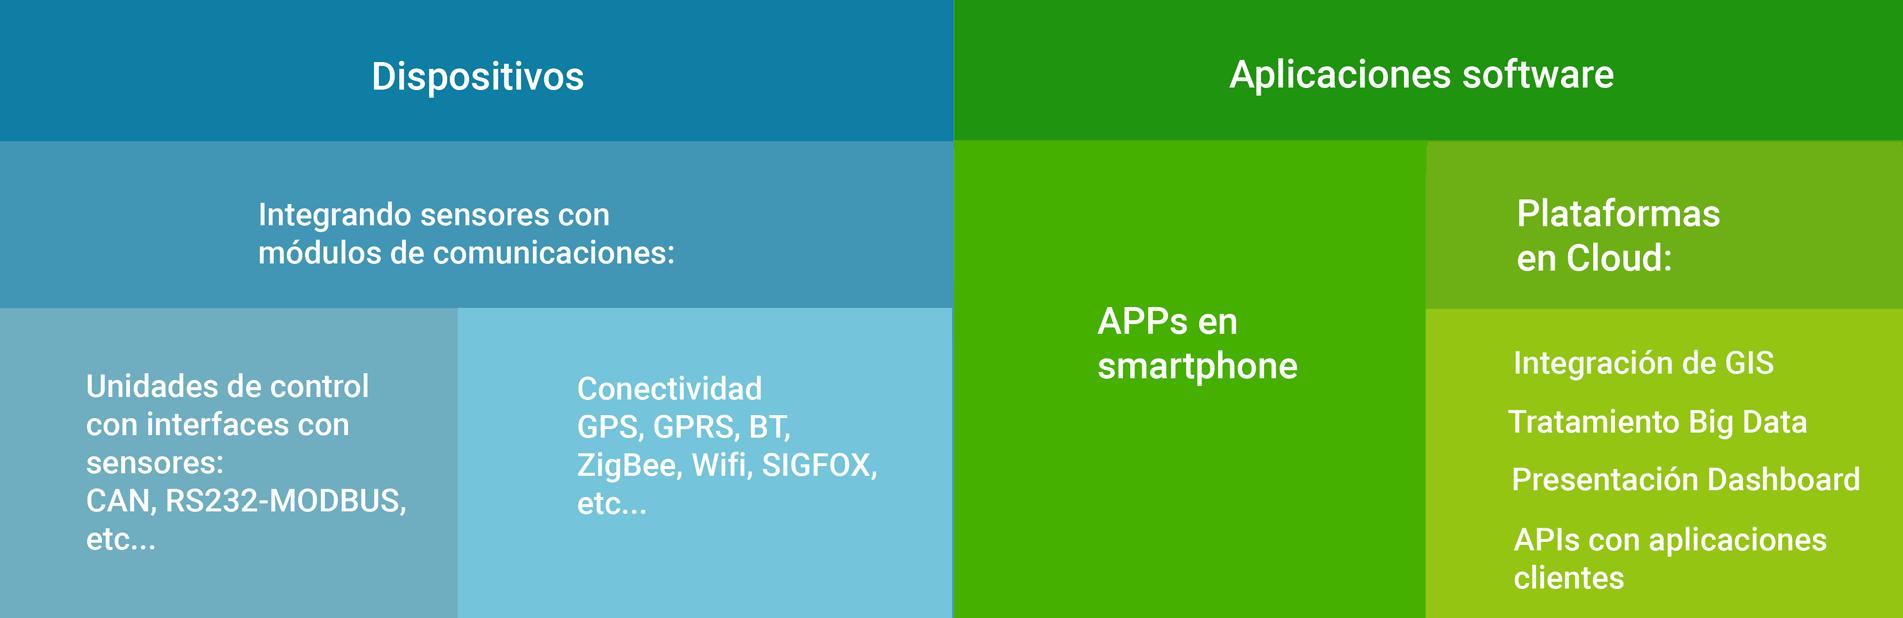 Dispositivos gps, gprs, cloud. Apps y big data Tecnología de Movildat